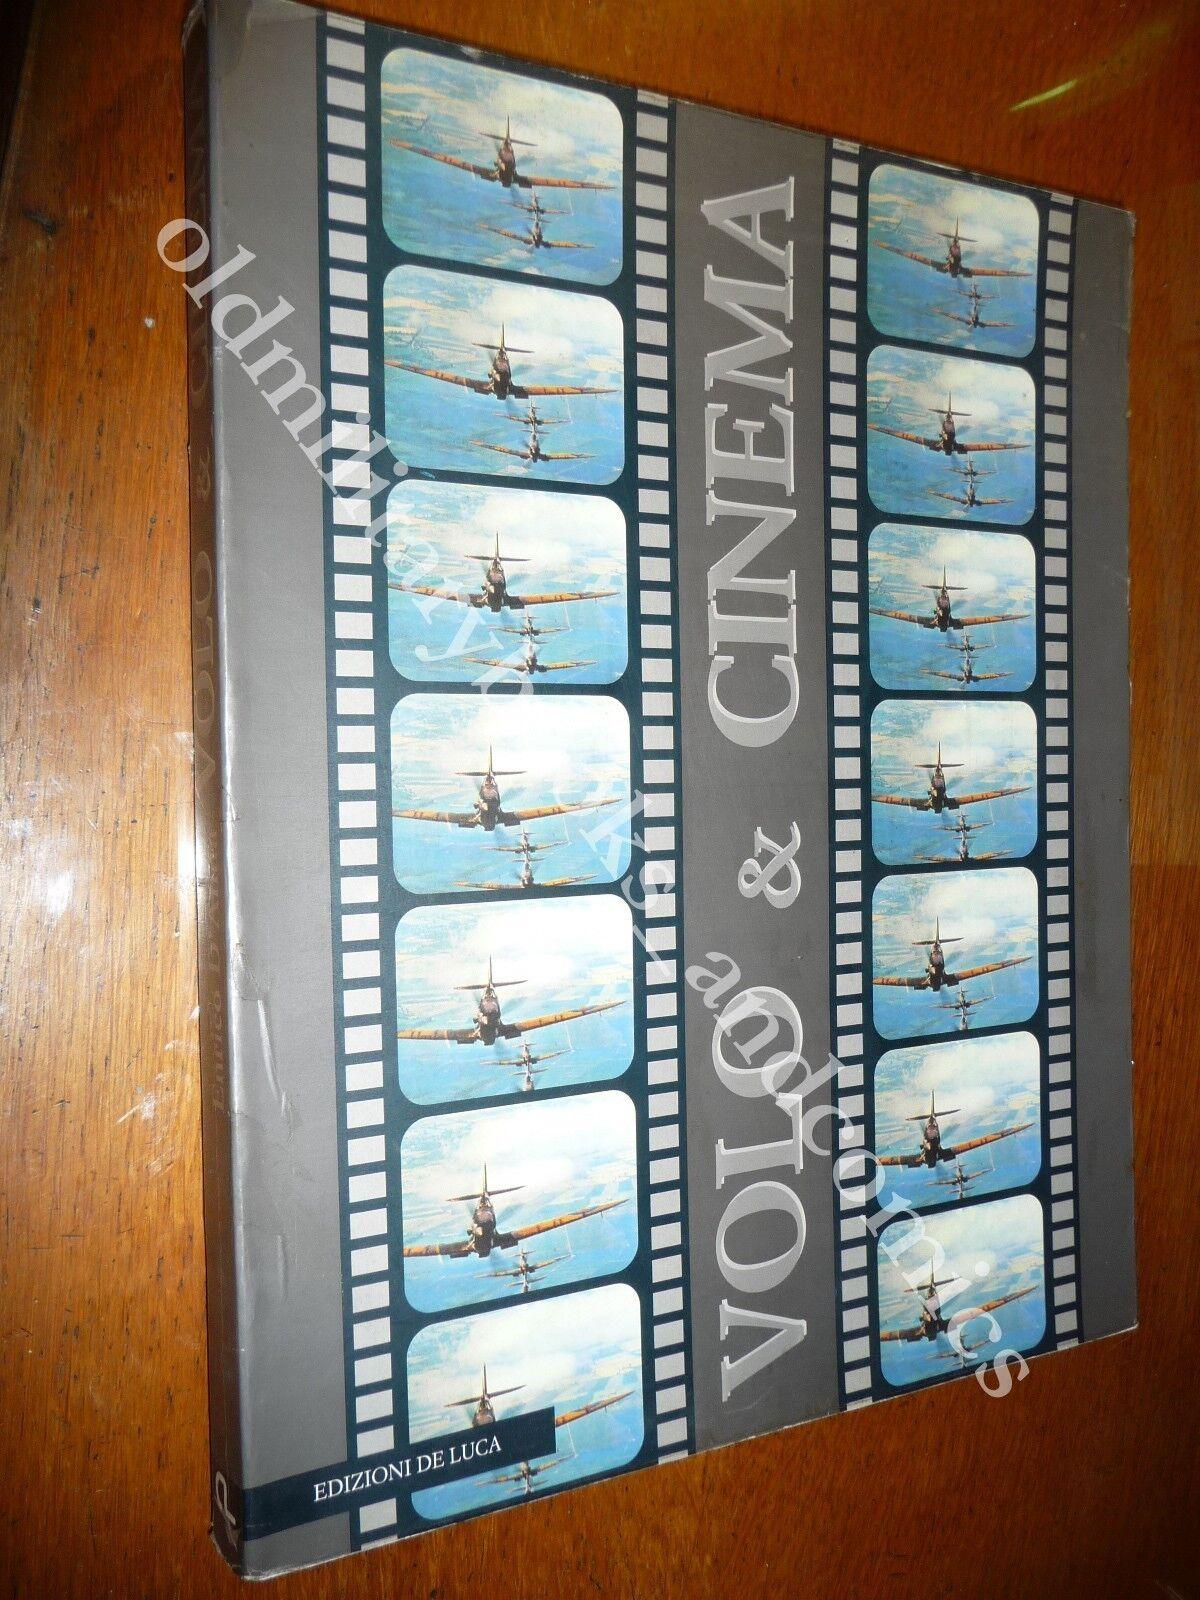 VOLO & CINEMA STORIA DEL CINEMA D'AVIAZIONE MANIFESTI CINEMATOGRAFICI FOTO AEREI